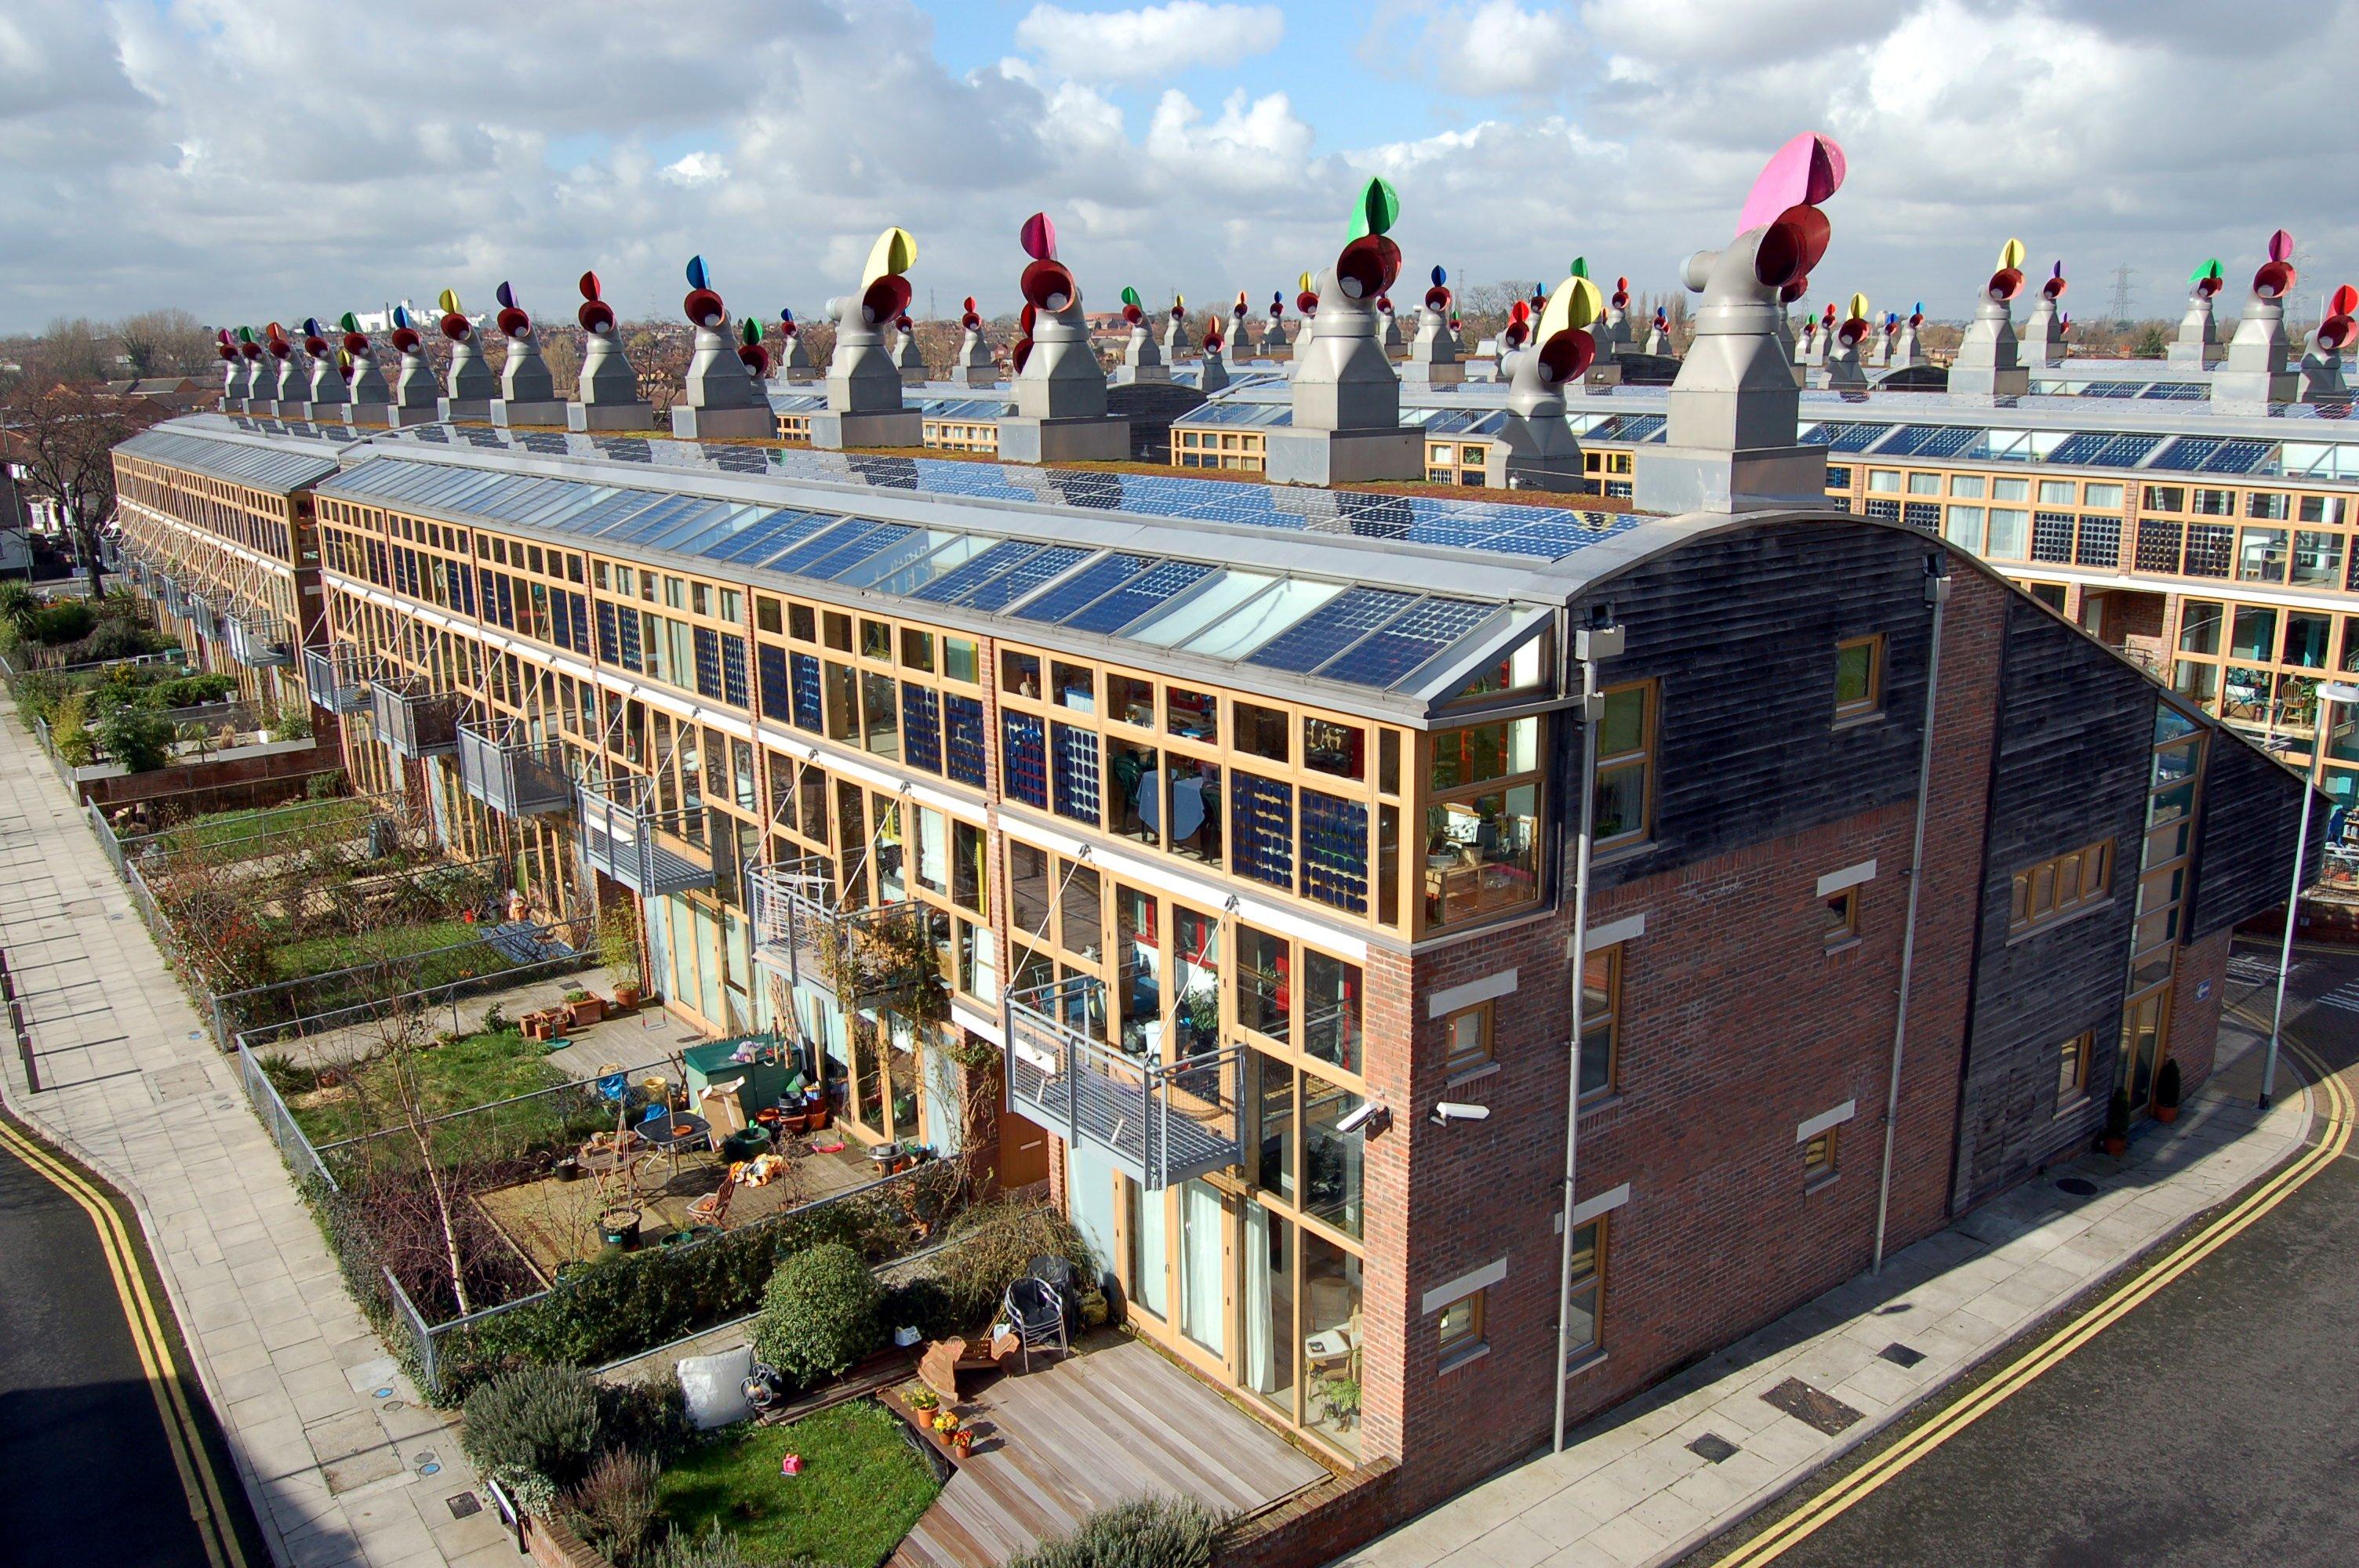 Edificio con pannelli solari a Londra